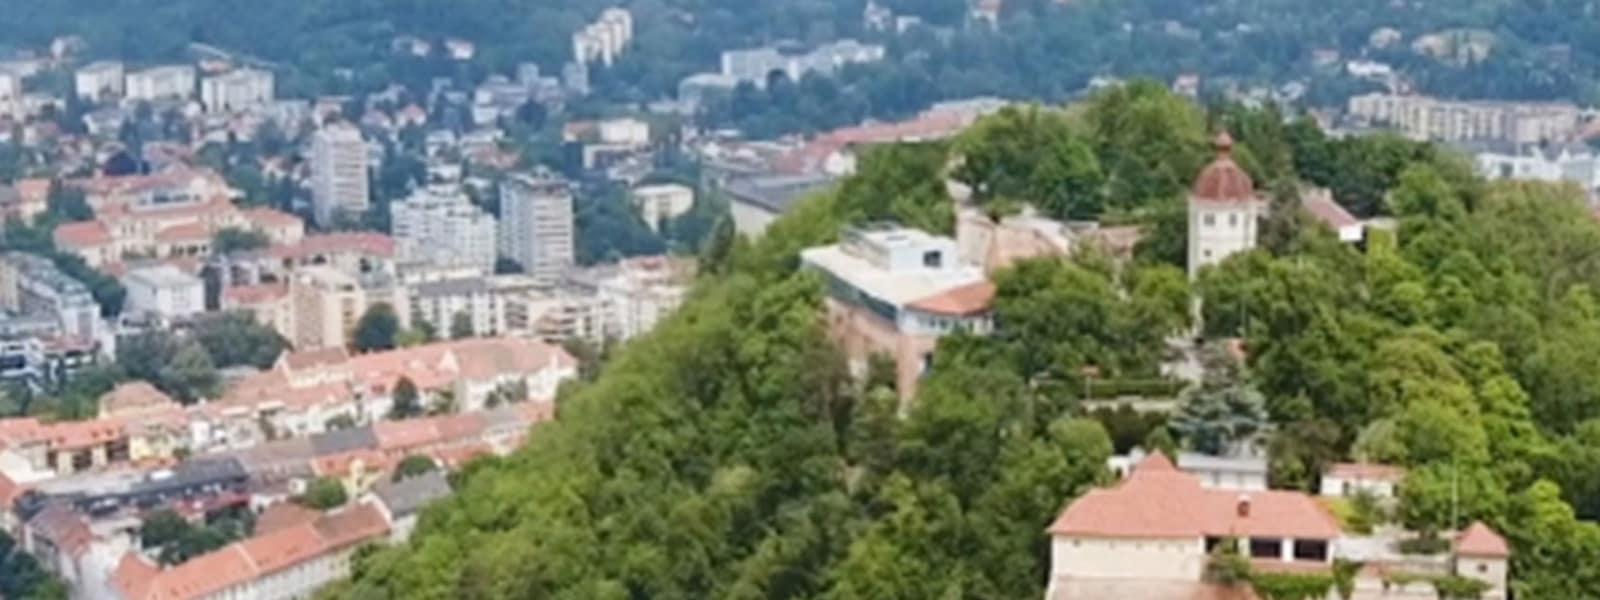 Bild zeigt eine Stadt von oben, auf dem ein Hügel voll mit Bäumen im Fokus steht.